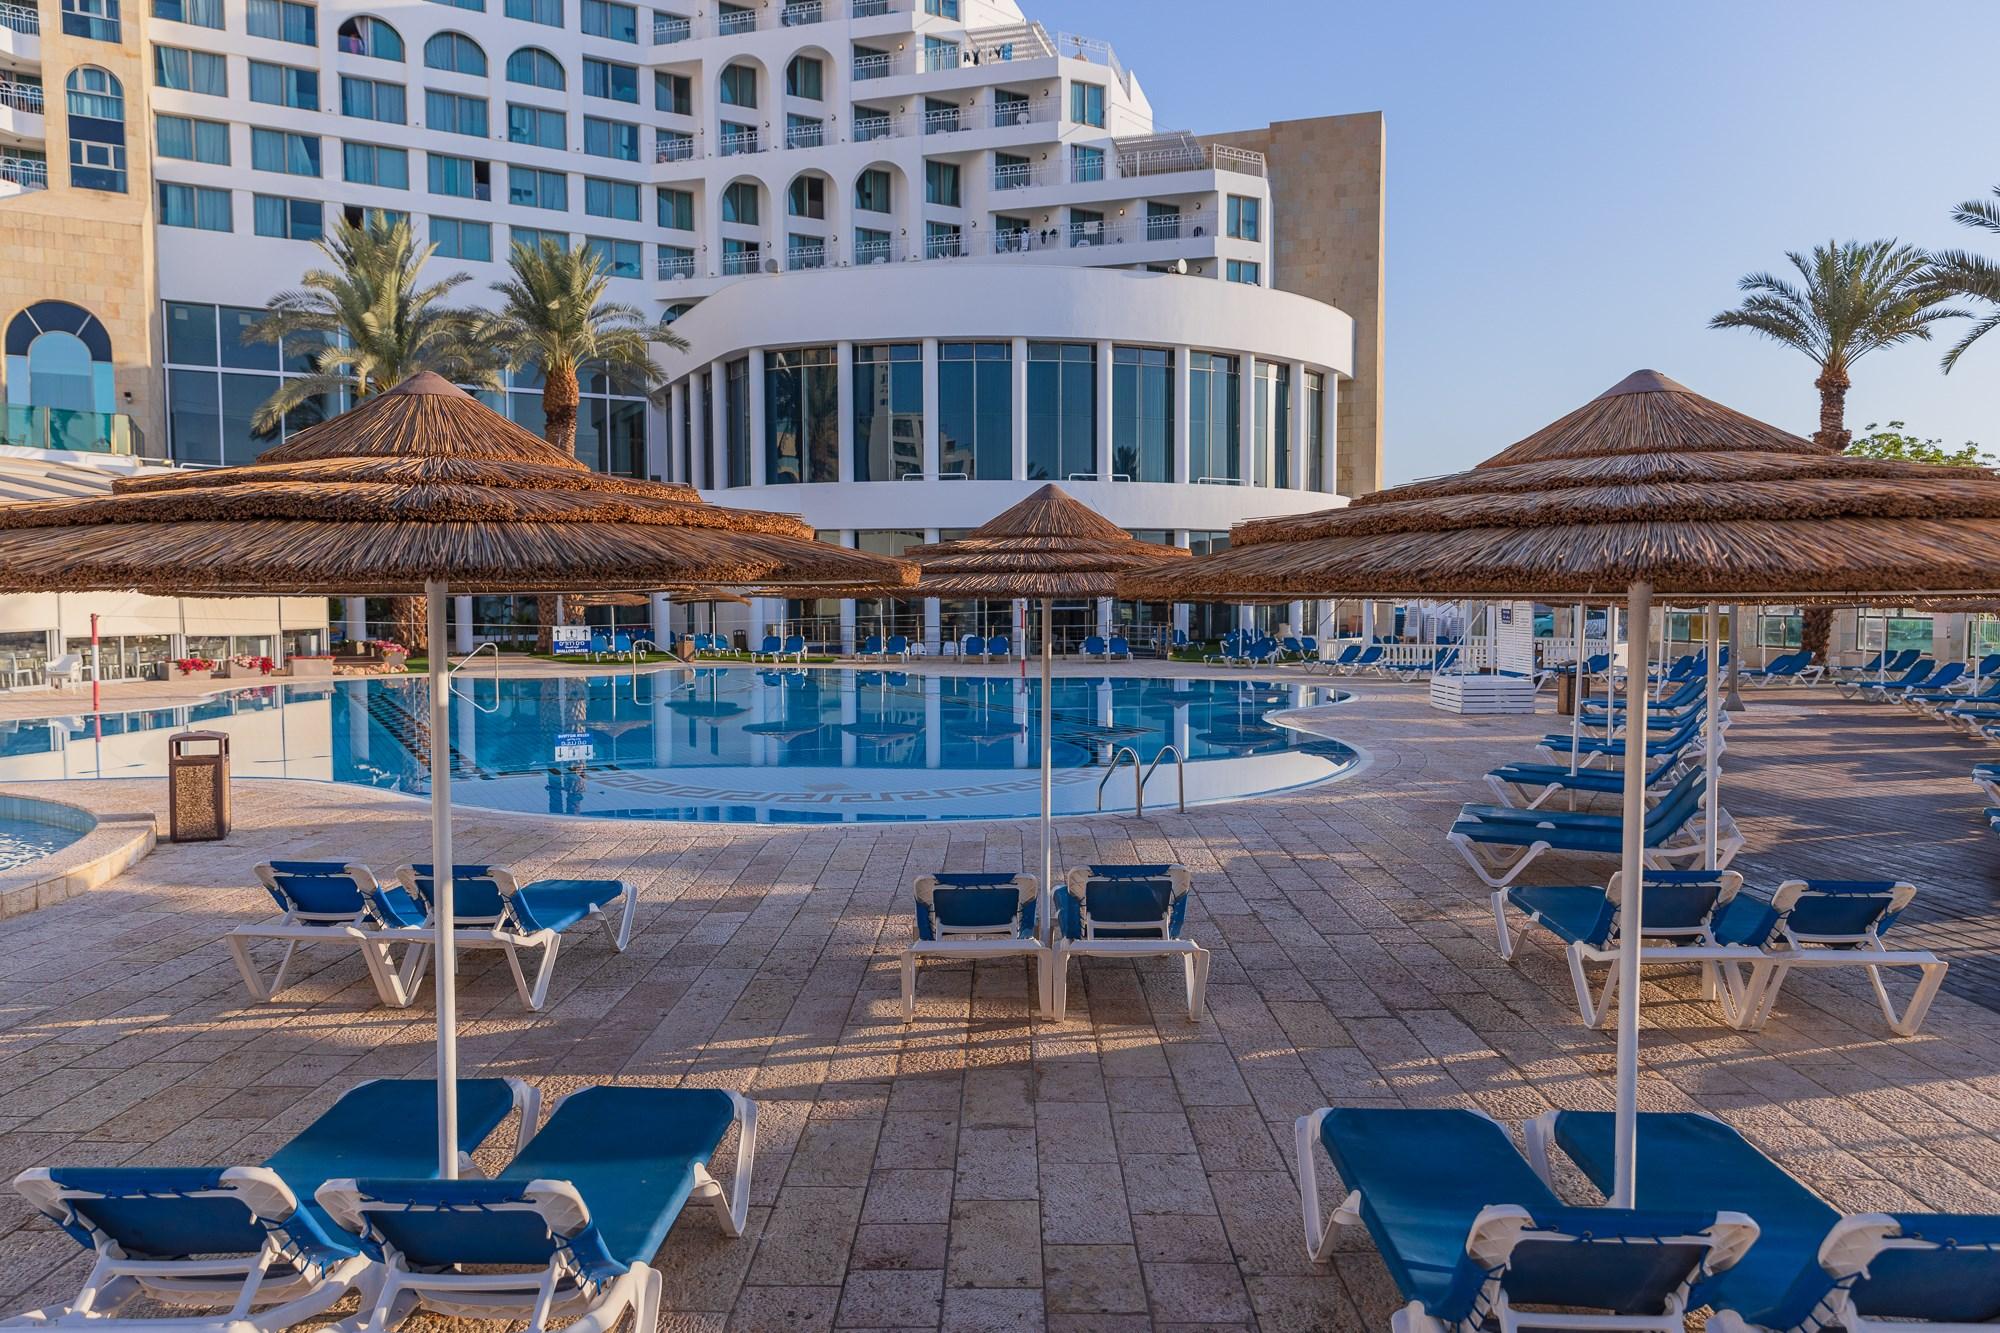 צילום המלון מהבריכה